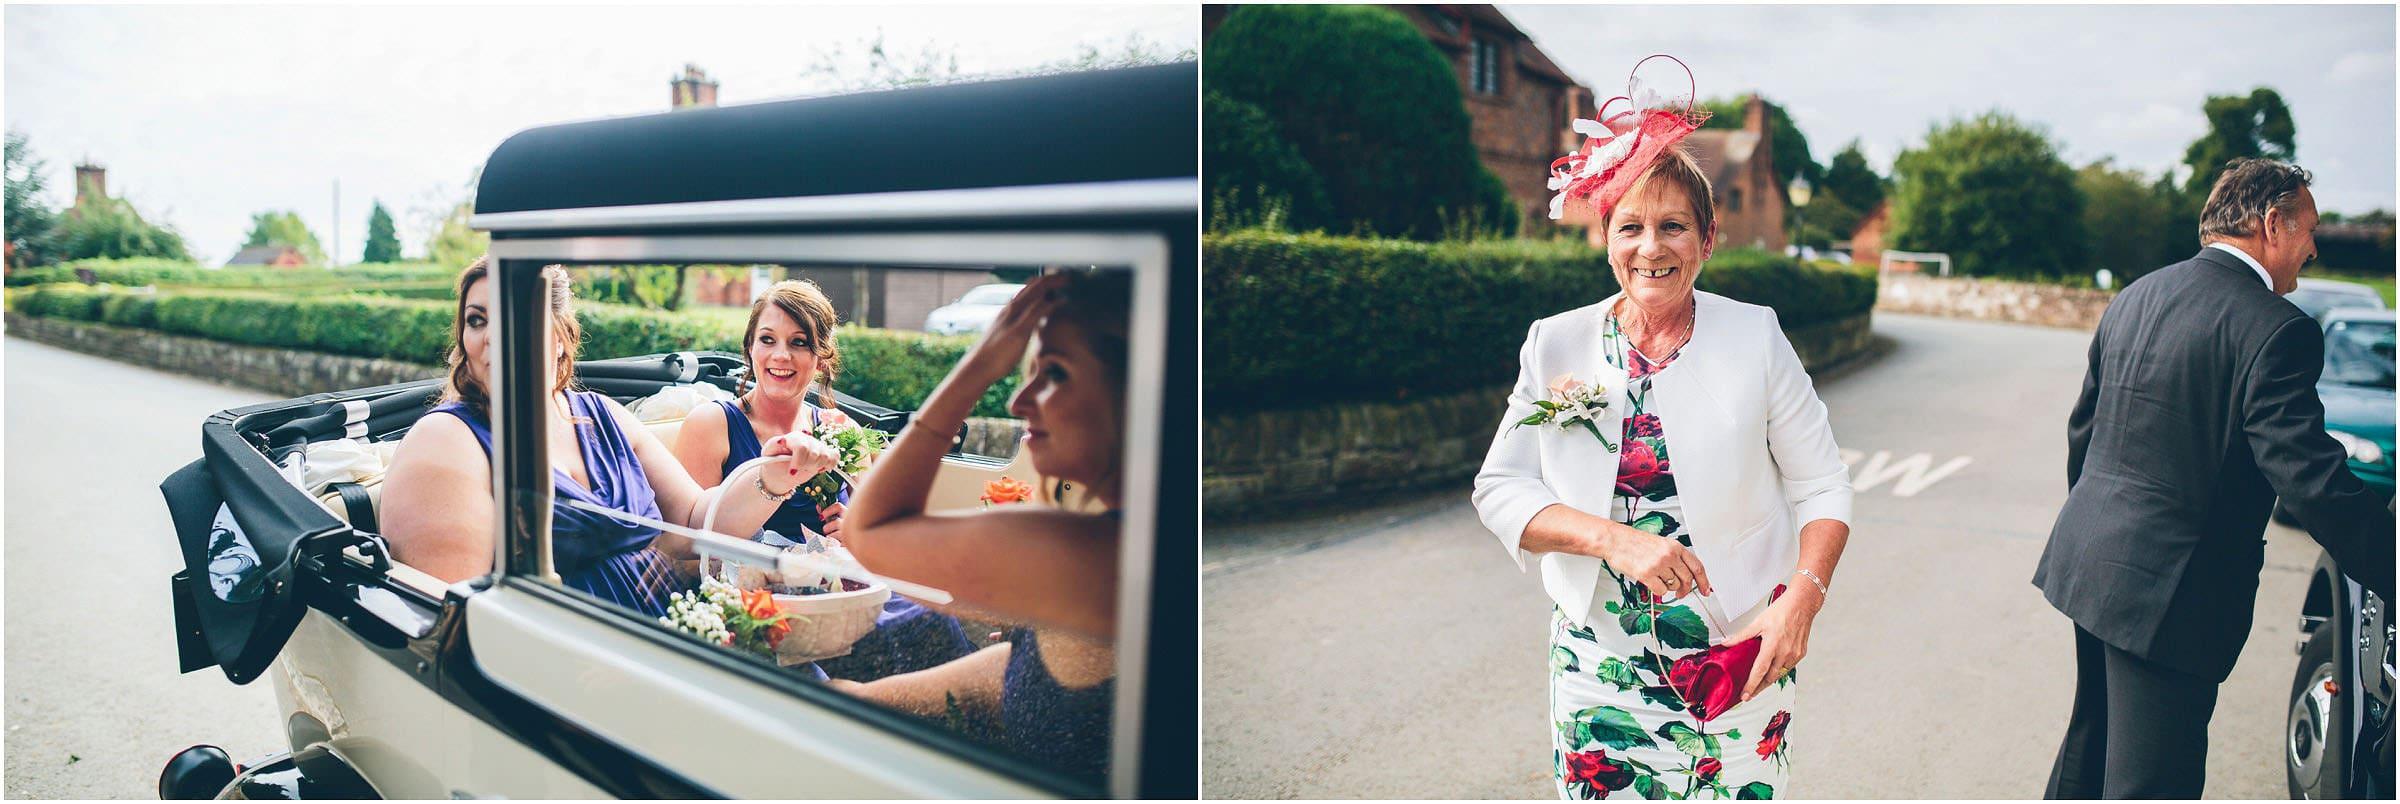 cock_obarton_wedding_photography_0032